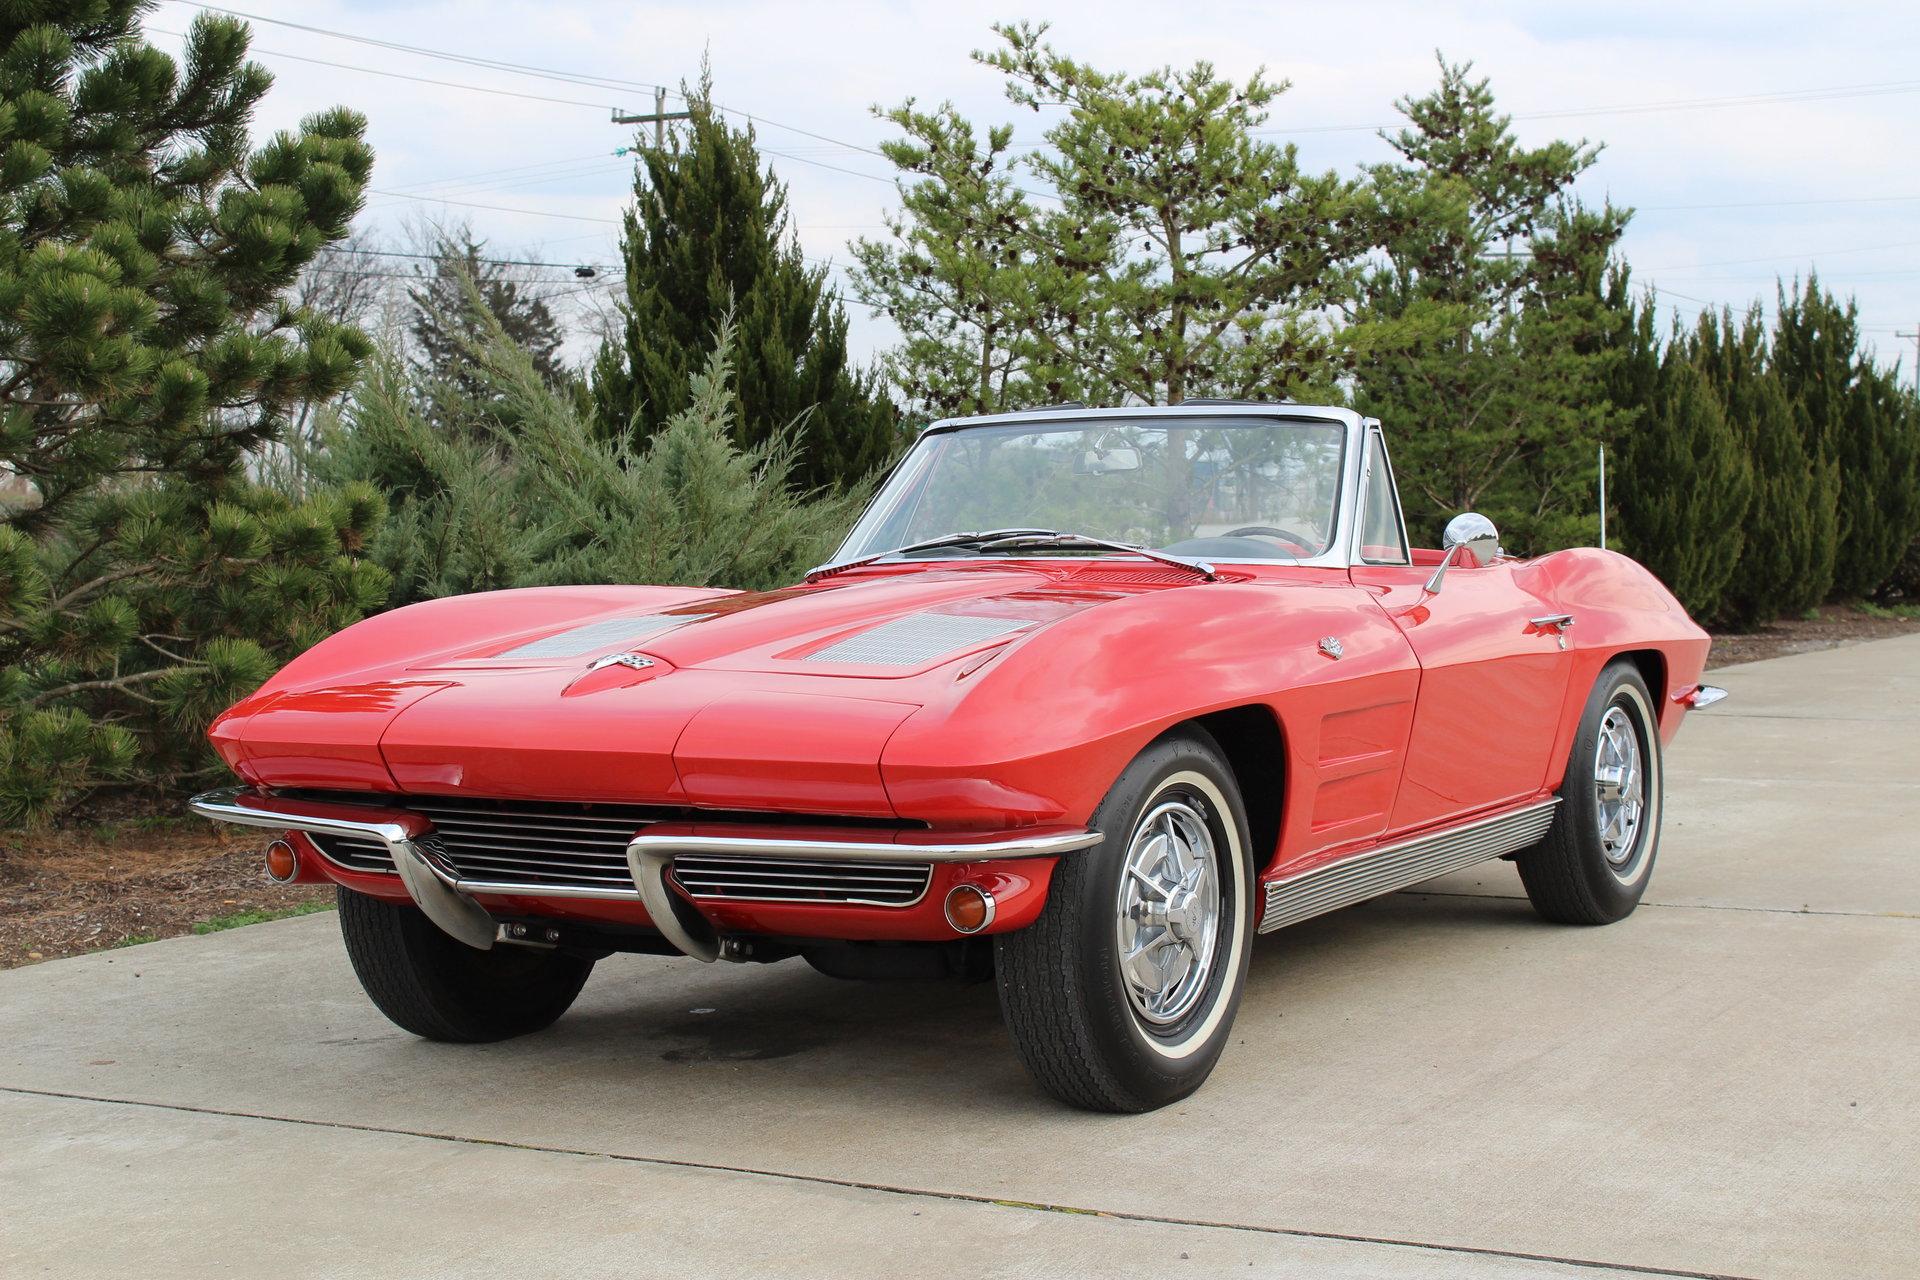 43147a7811e2 hd 1963 chevrolet corvette